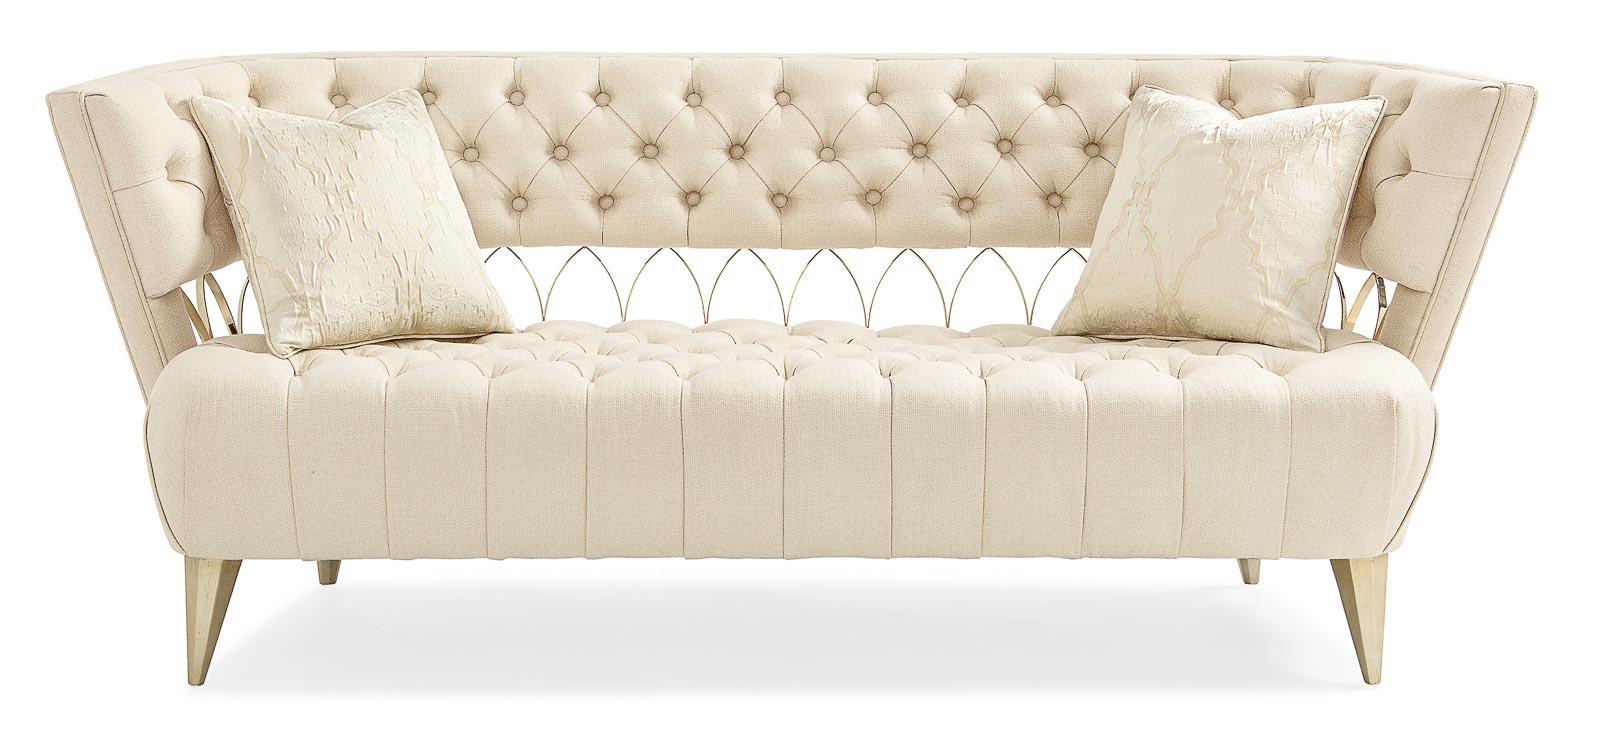 Sofa Come Full Circle